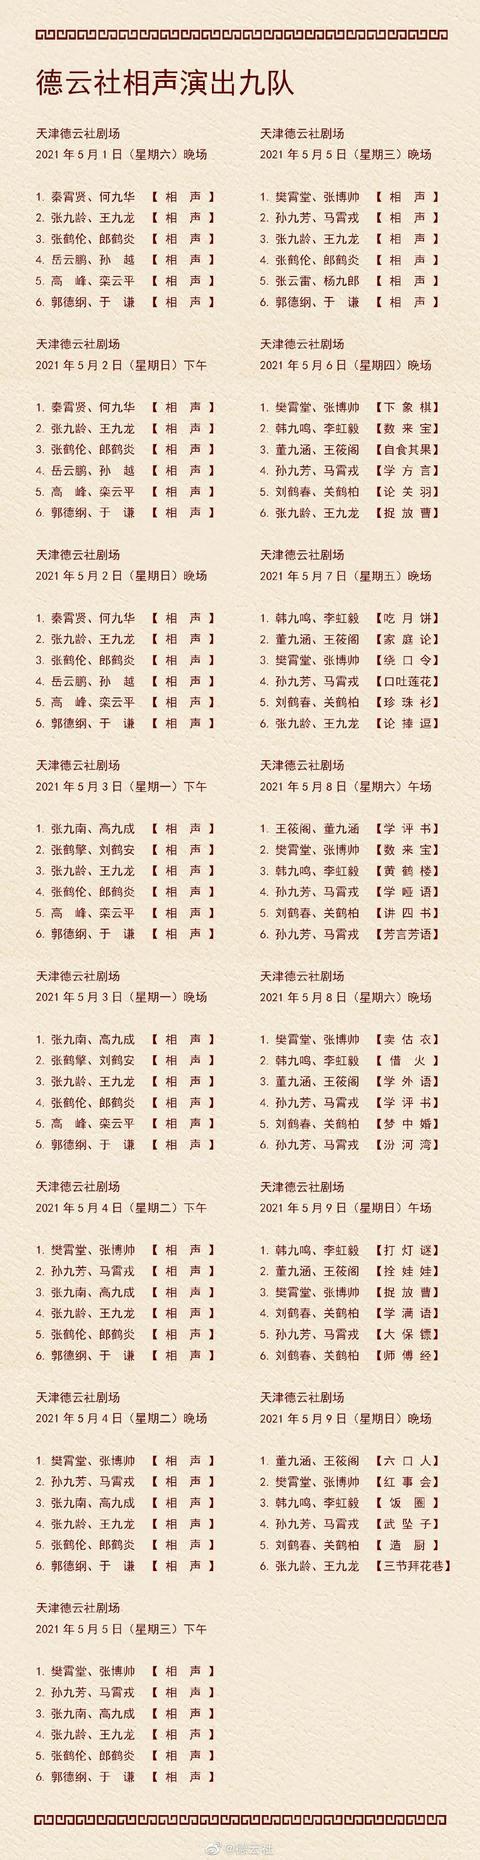 德云社演出节目单(2021年5月1日-5月9日)  全球新闻风头榜 第9张